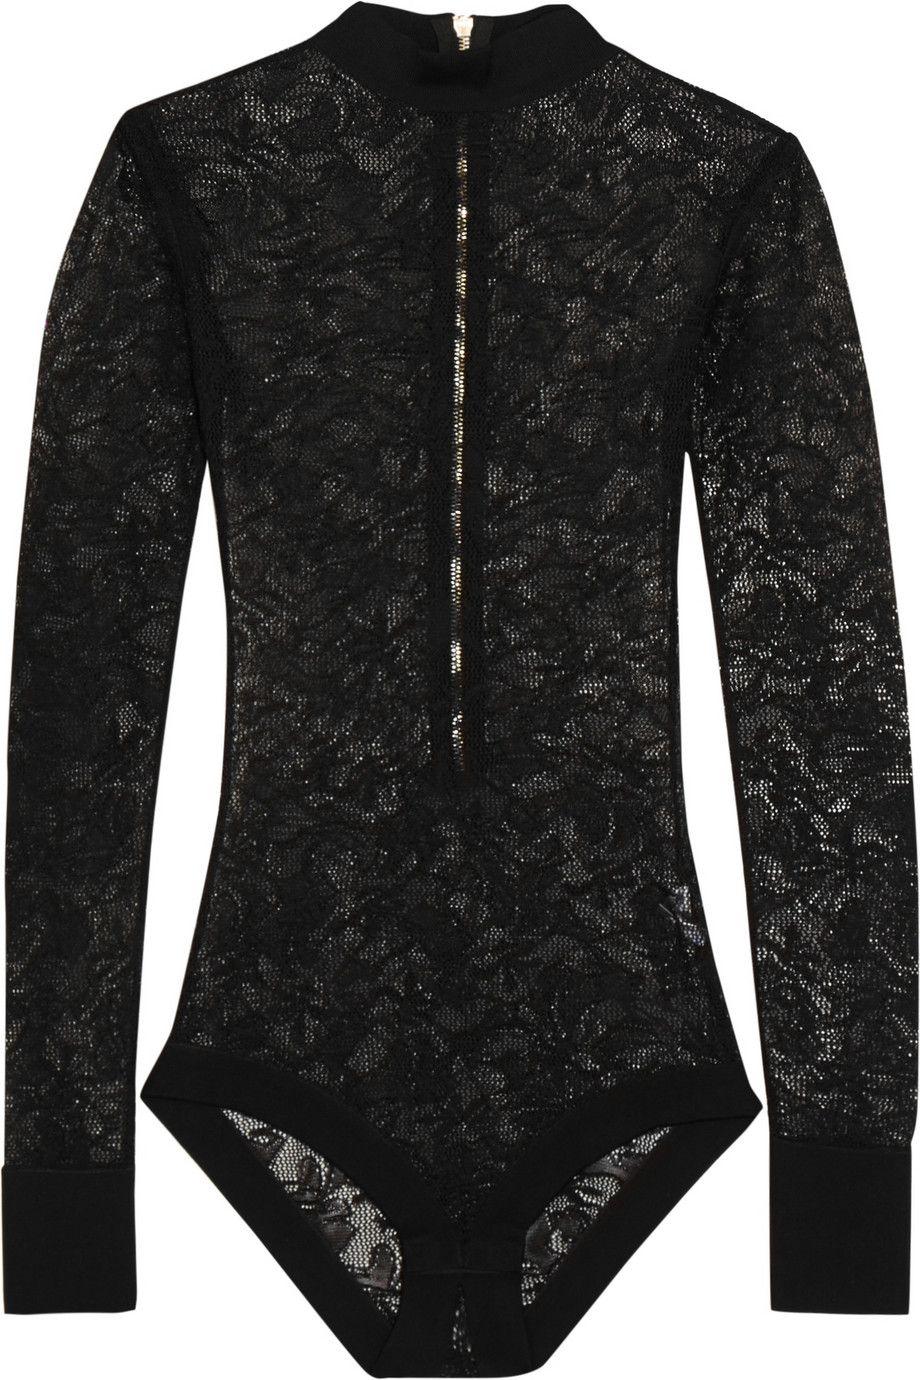 644c7852bd ... Balmain Stretch-lace turtleneck bodysuit NET-A-PORTER.COM huge discount  80ec0 ...